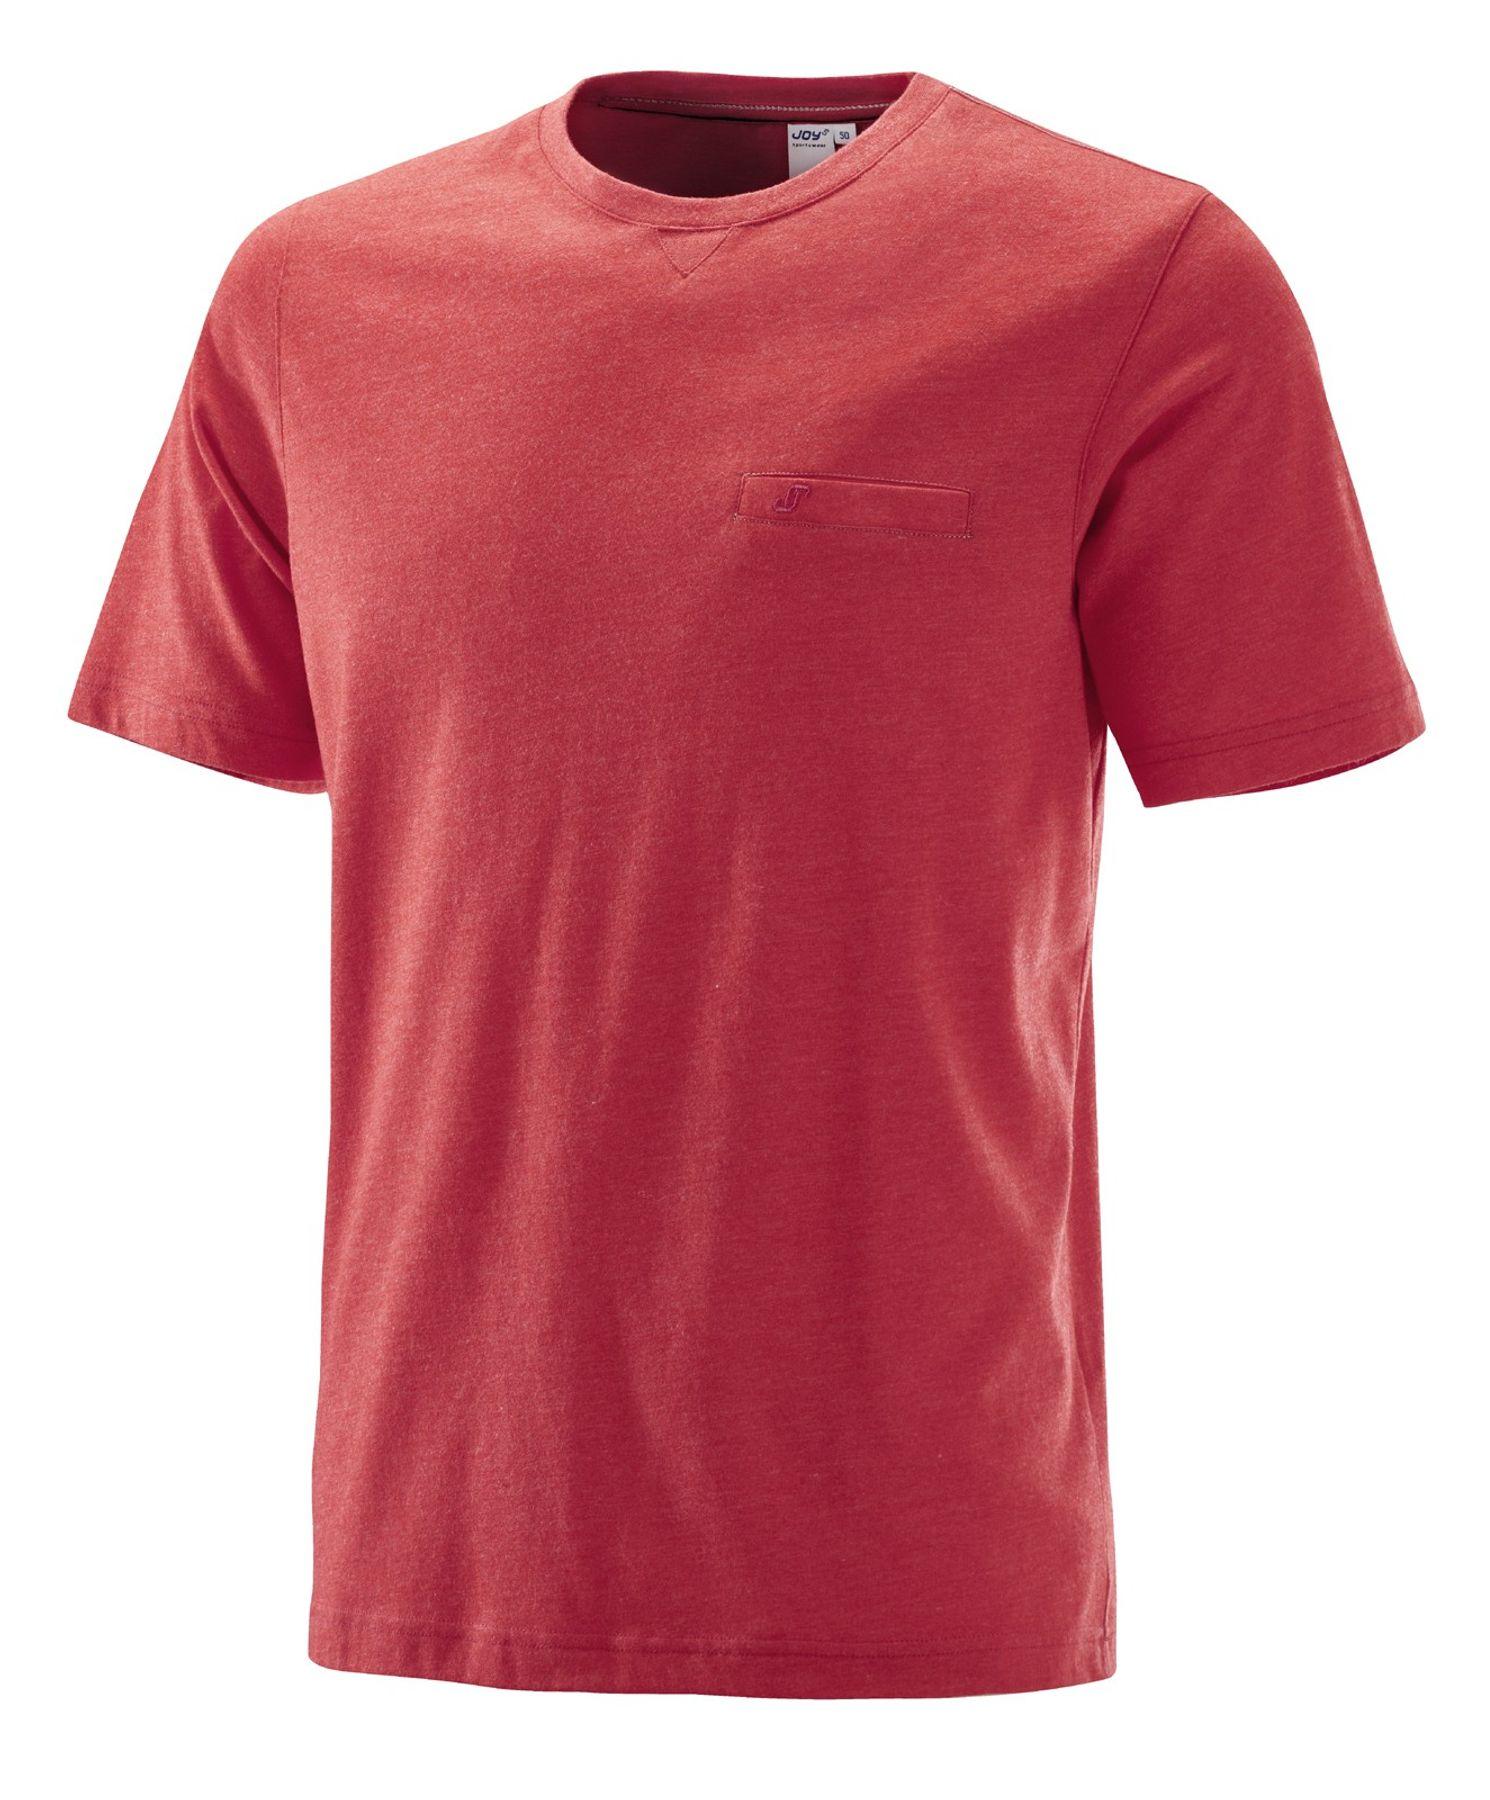 Joy - Herren Sport und Freizeit Shirt mit Rundhalsausschnitt, Alister (40166) – Bild 2